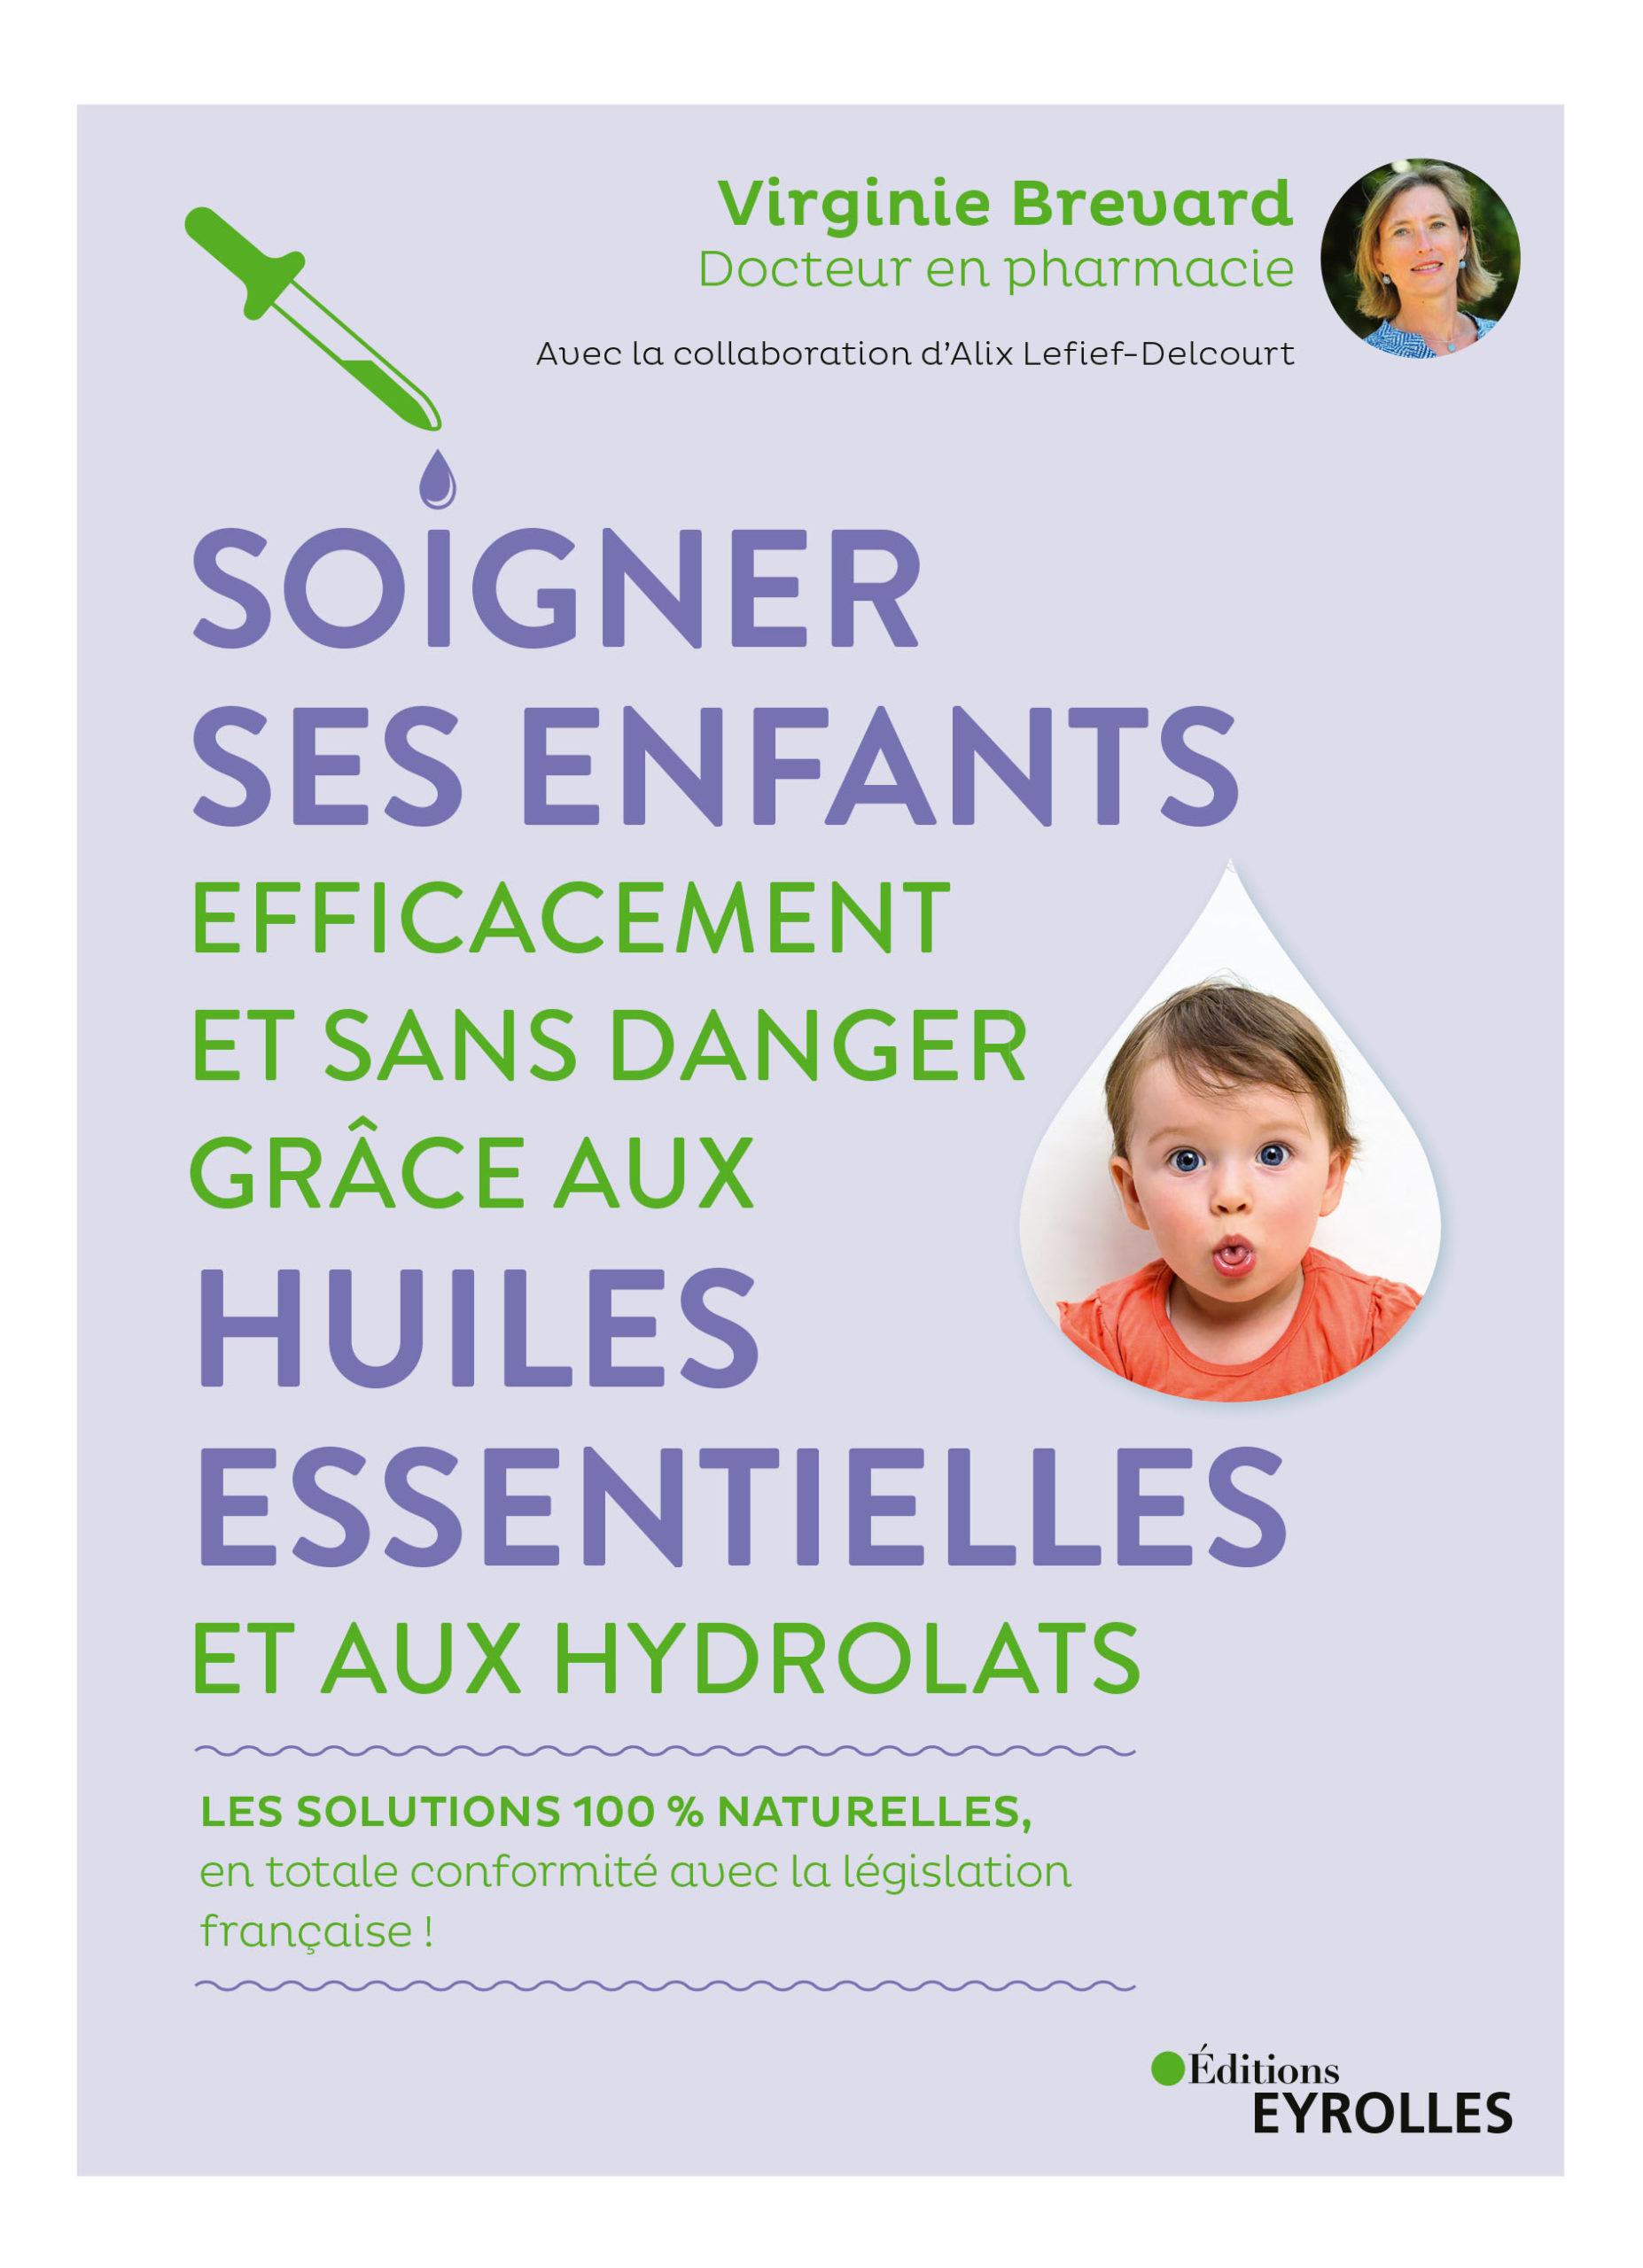 Livres - Soigner ses enfants grâce aux huiles essentielles - Virginie Brevard - Aromaconseils by VB